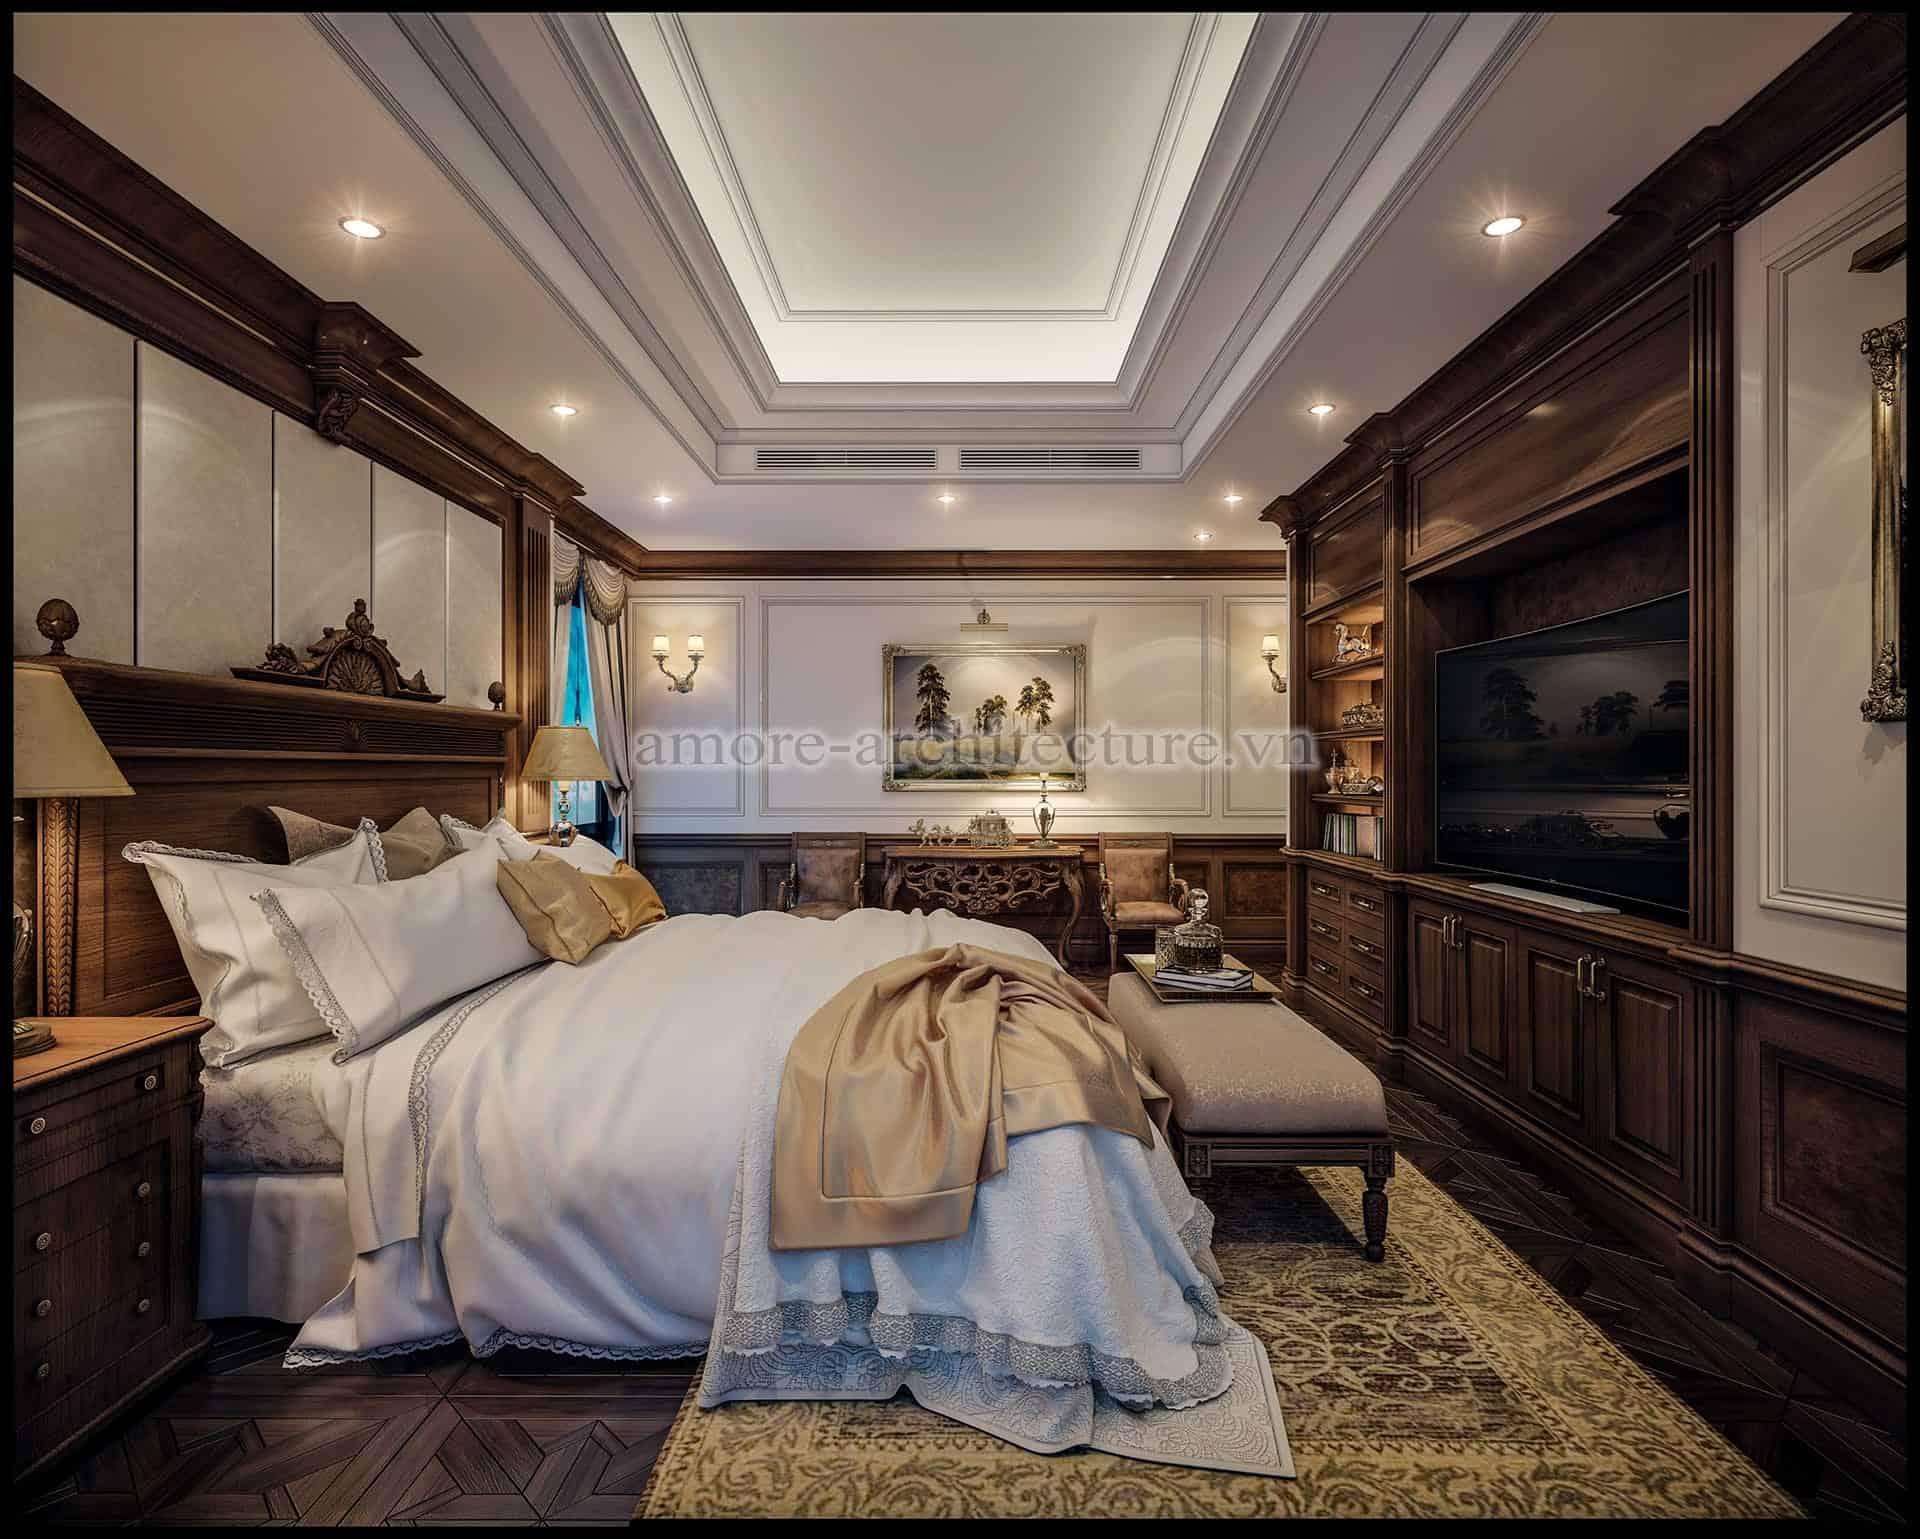 thiết kế nội thất chung cư cổ điển độc đáo